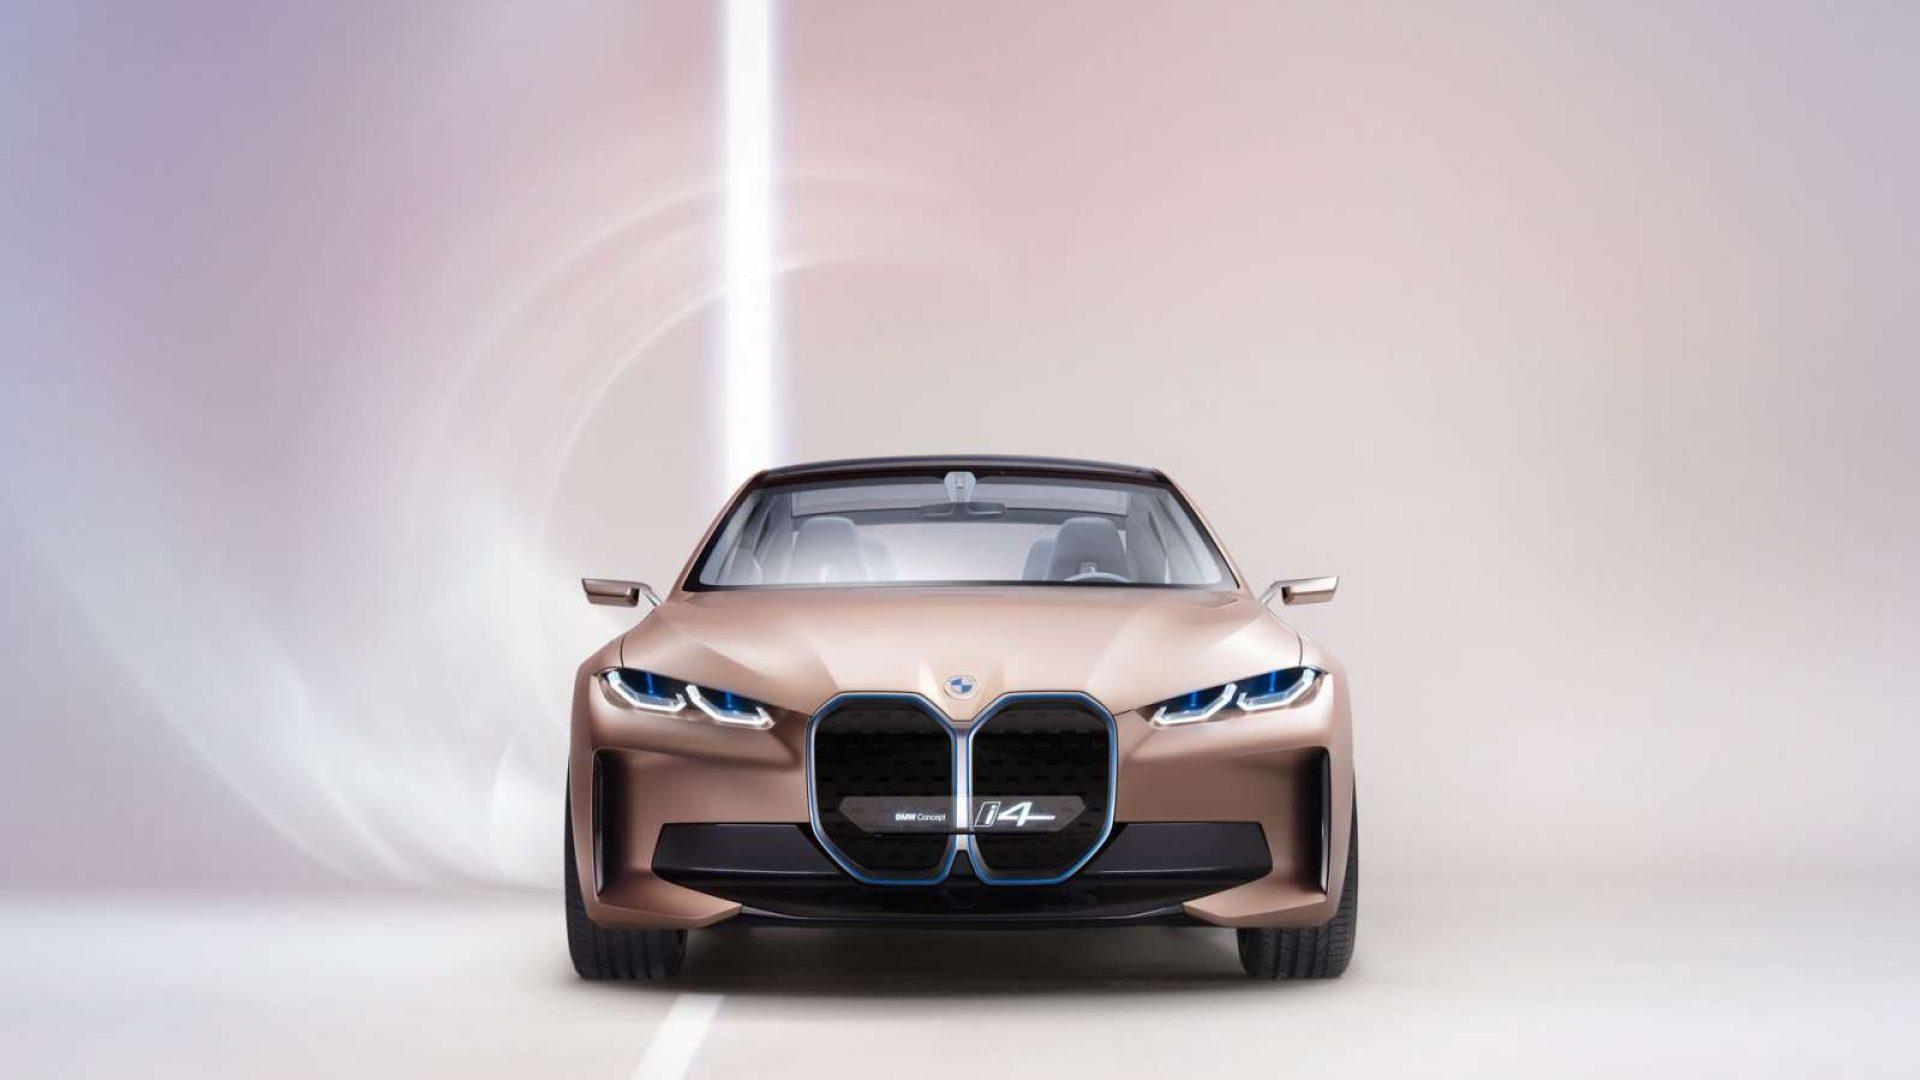 2020-BMW-Concept-i4-04